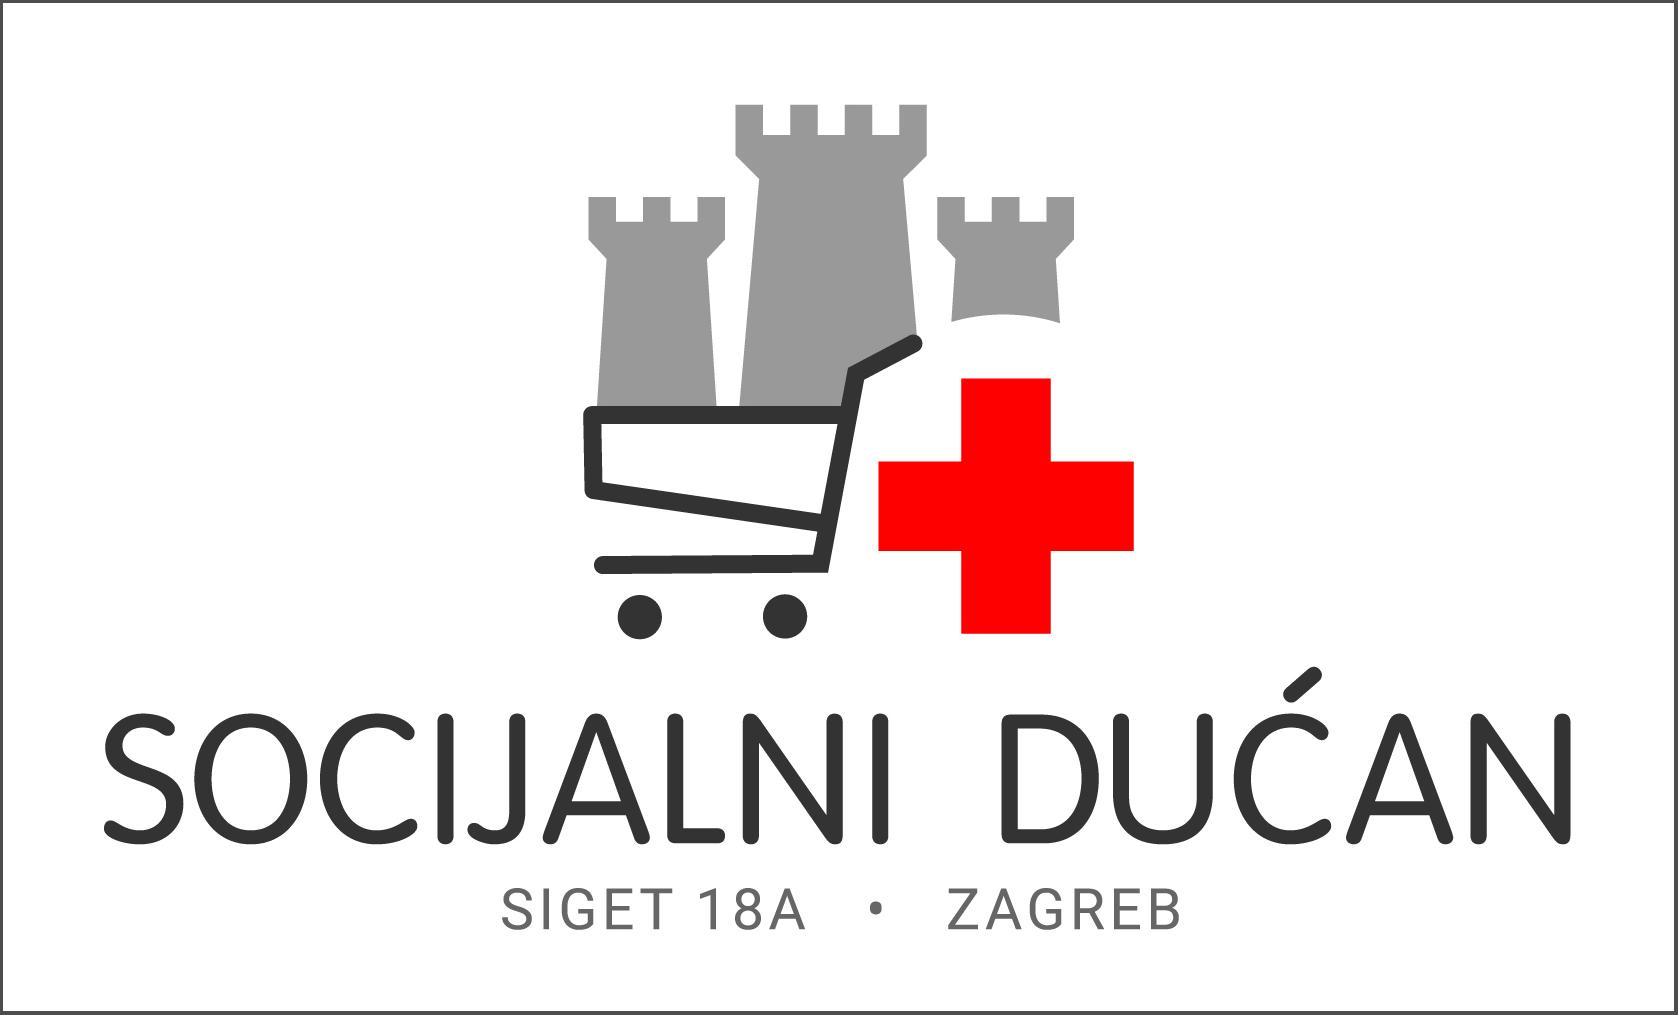 Red Cross, Zagreb branch